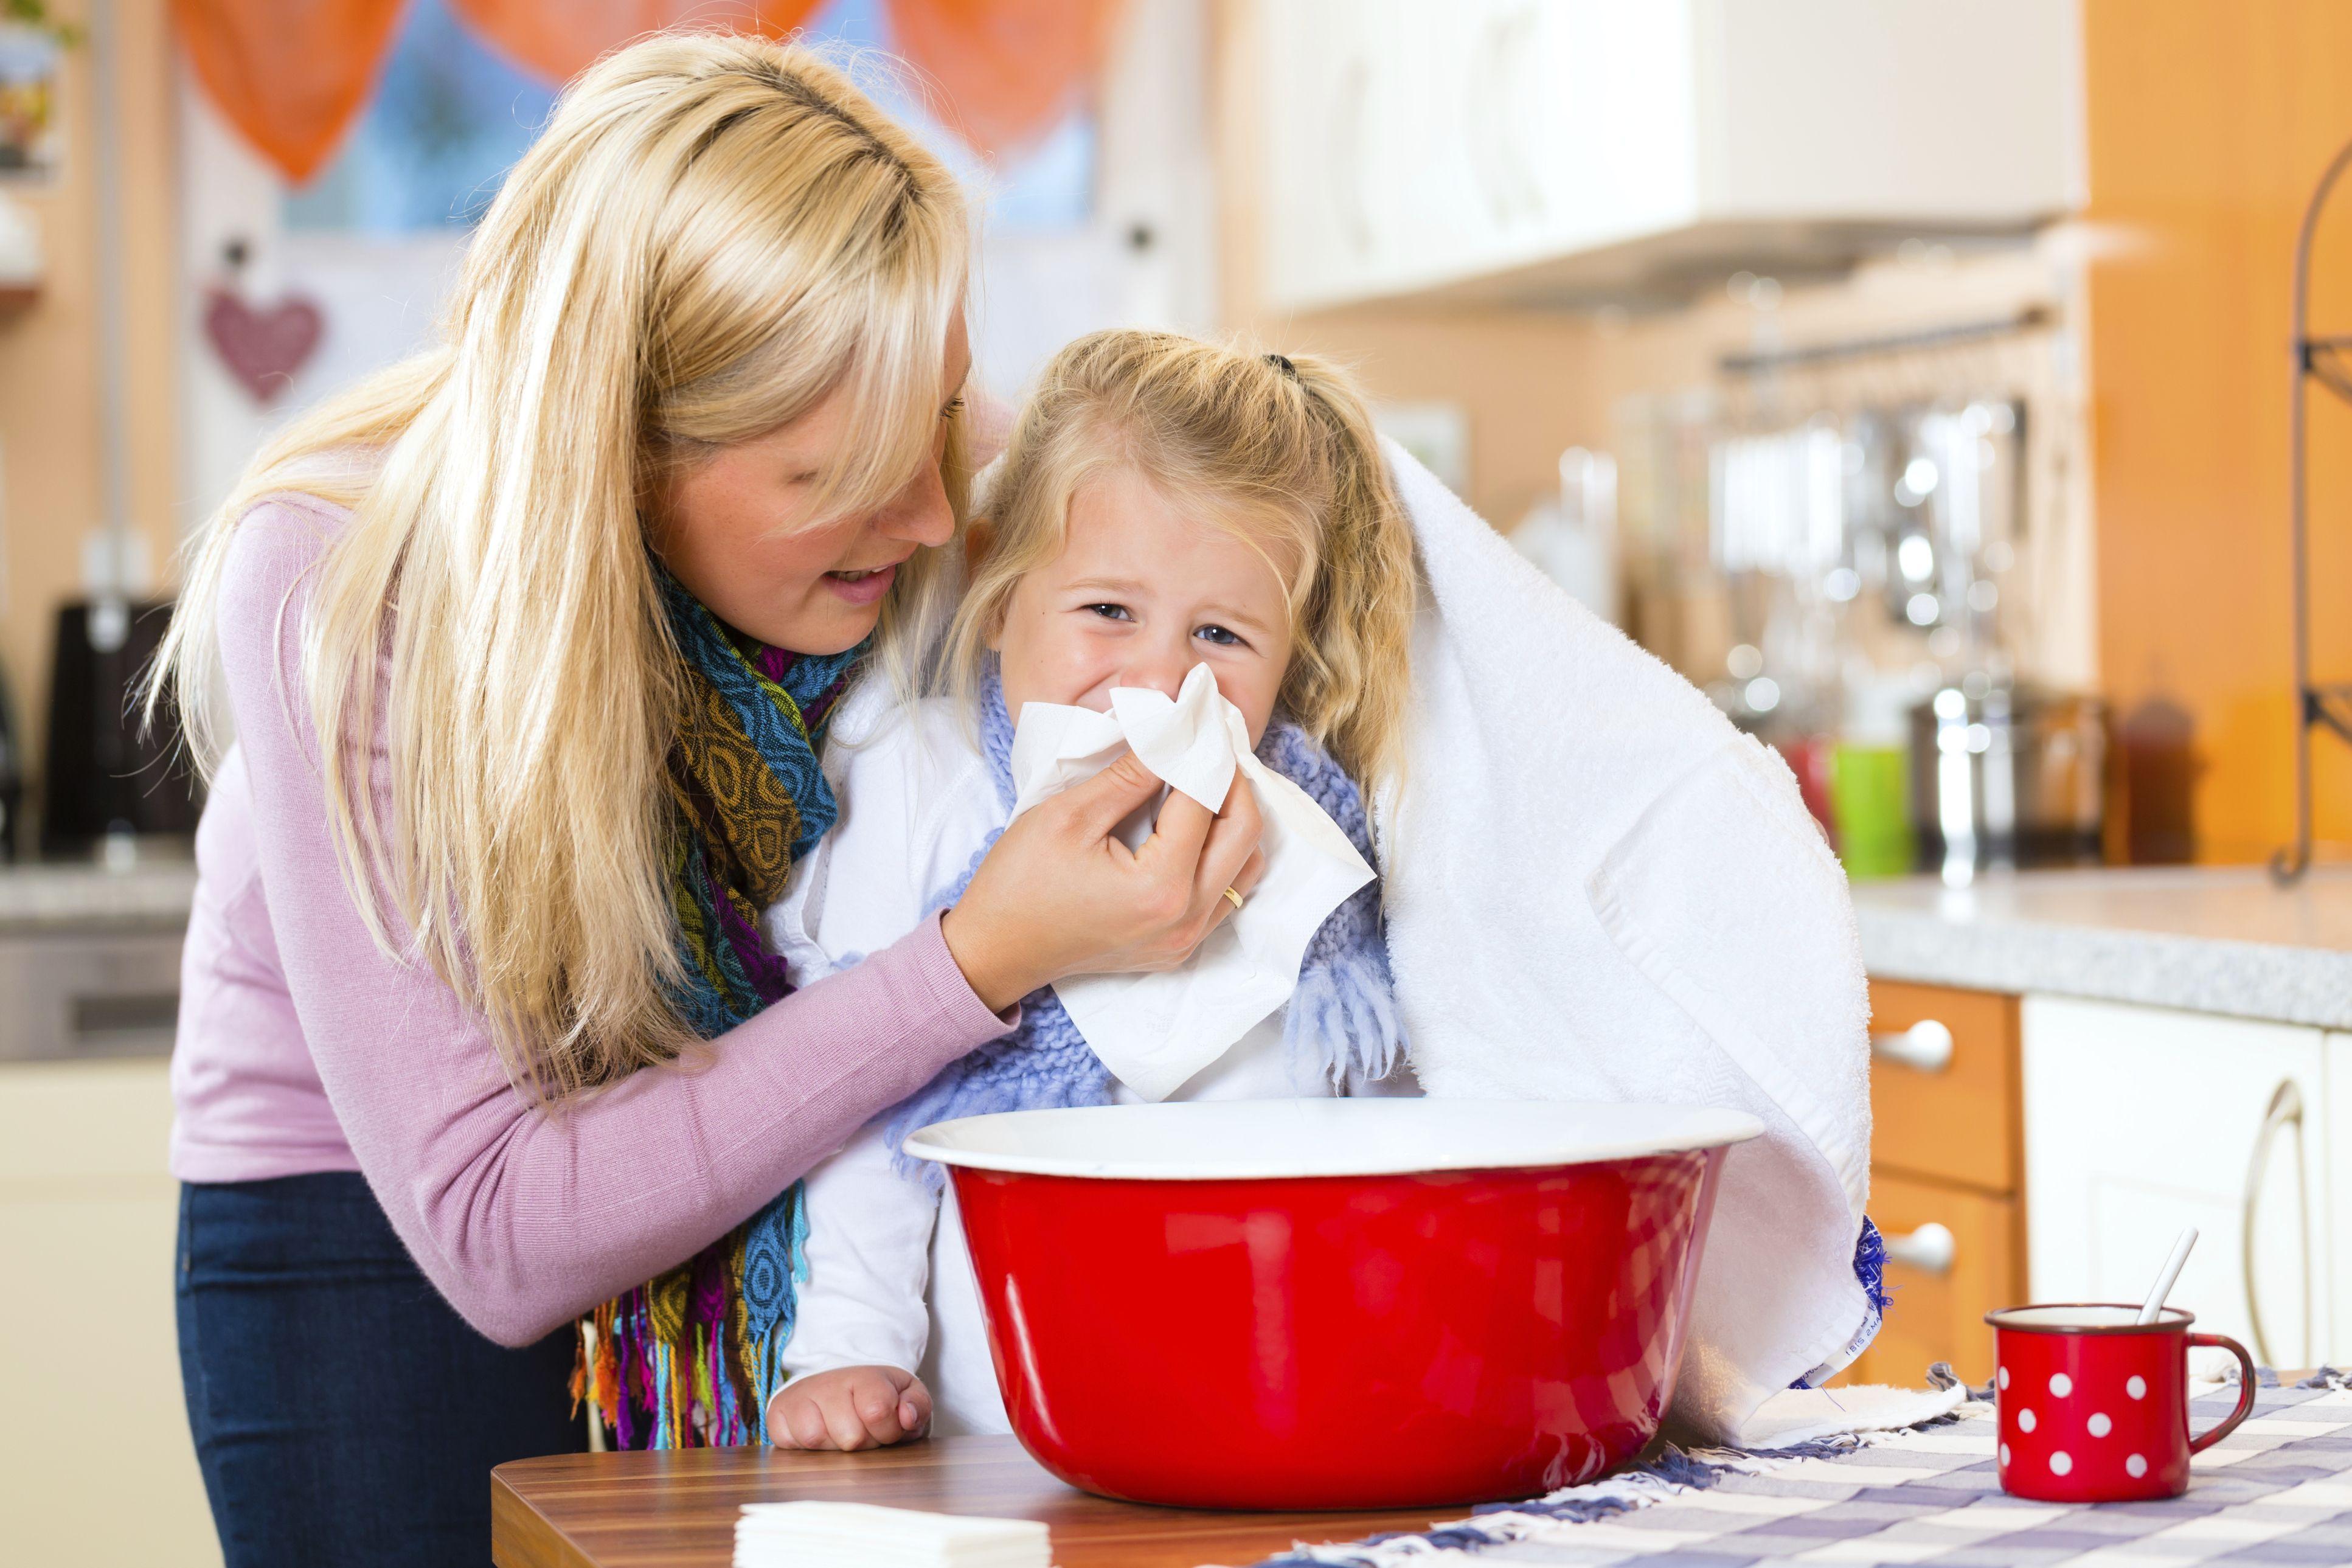 мама вытирает девочке нос салфеткой после того, как та, предположительно, дышала паром под полотенцем над красной миской